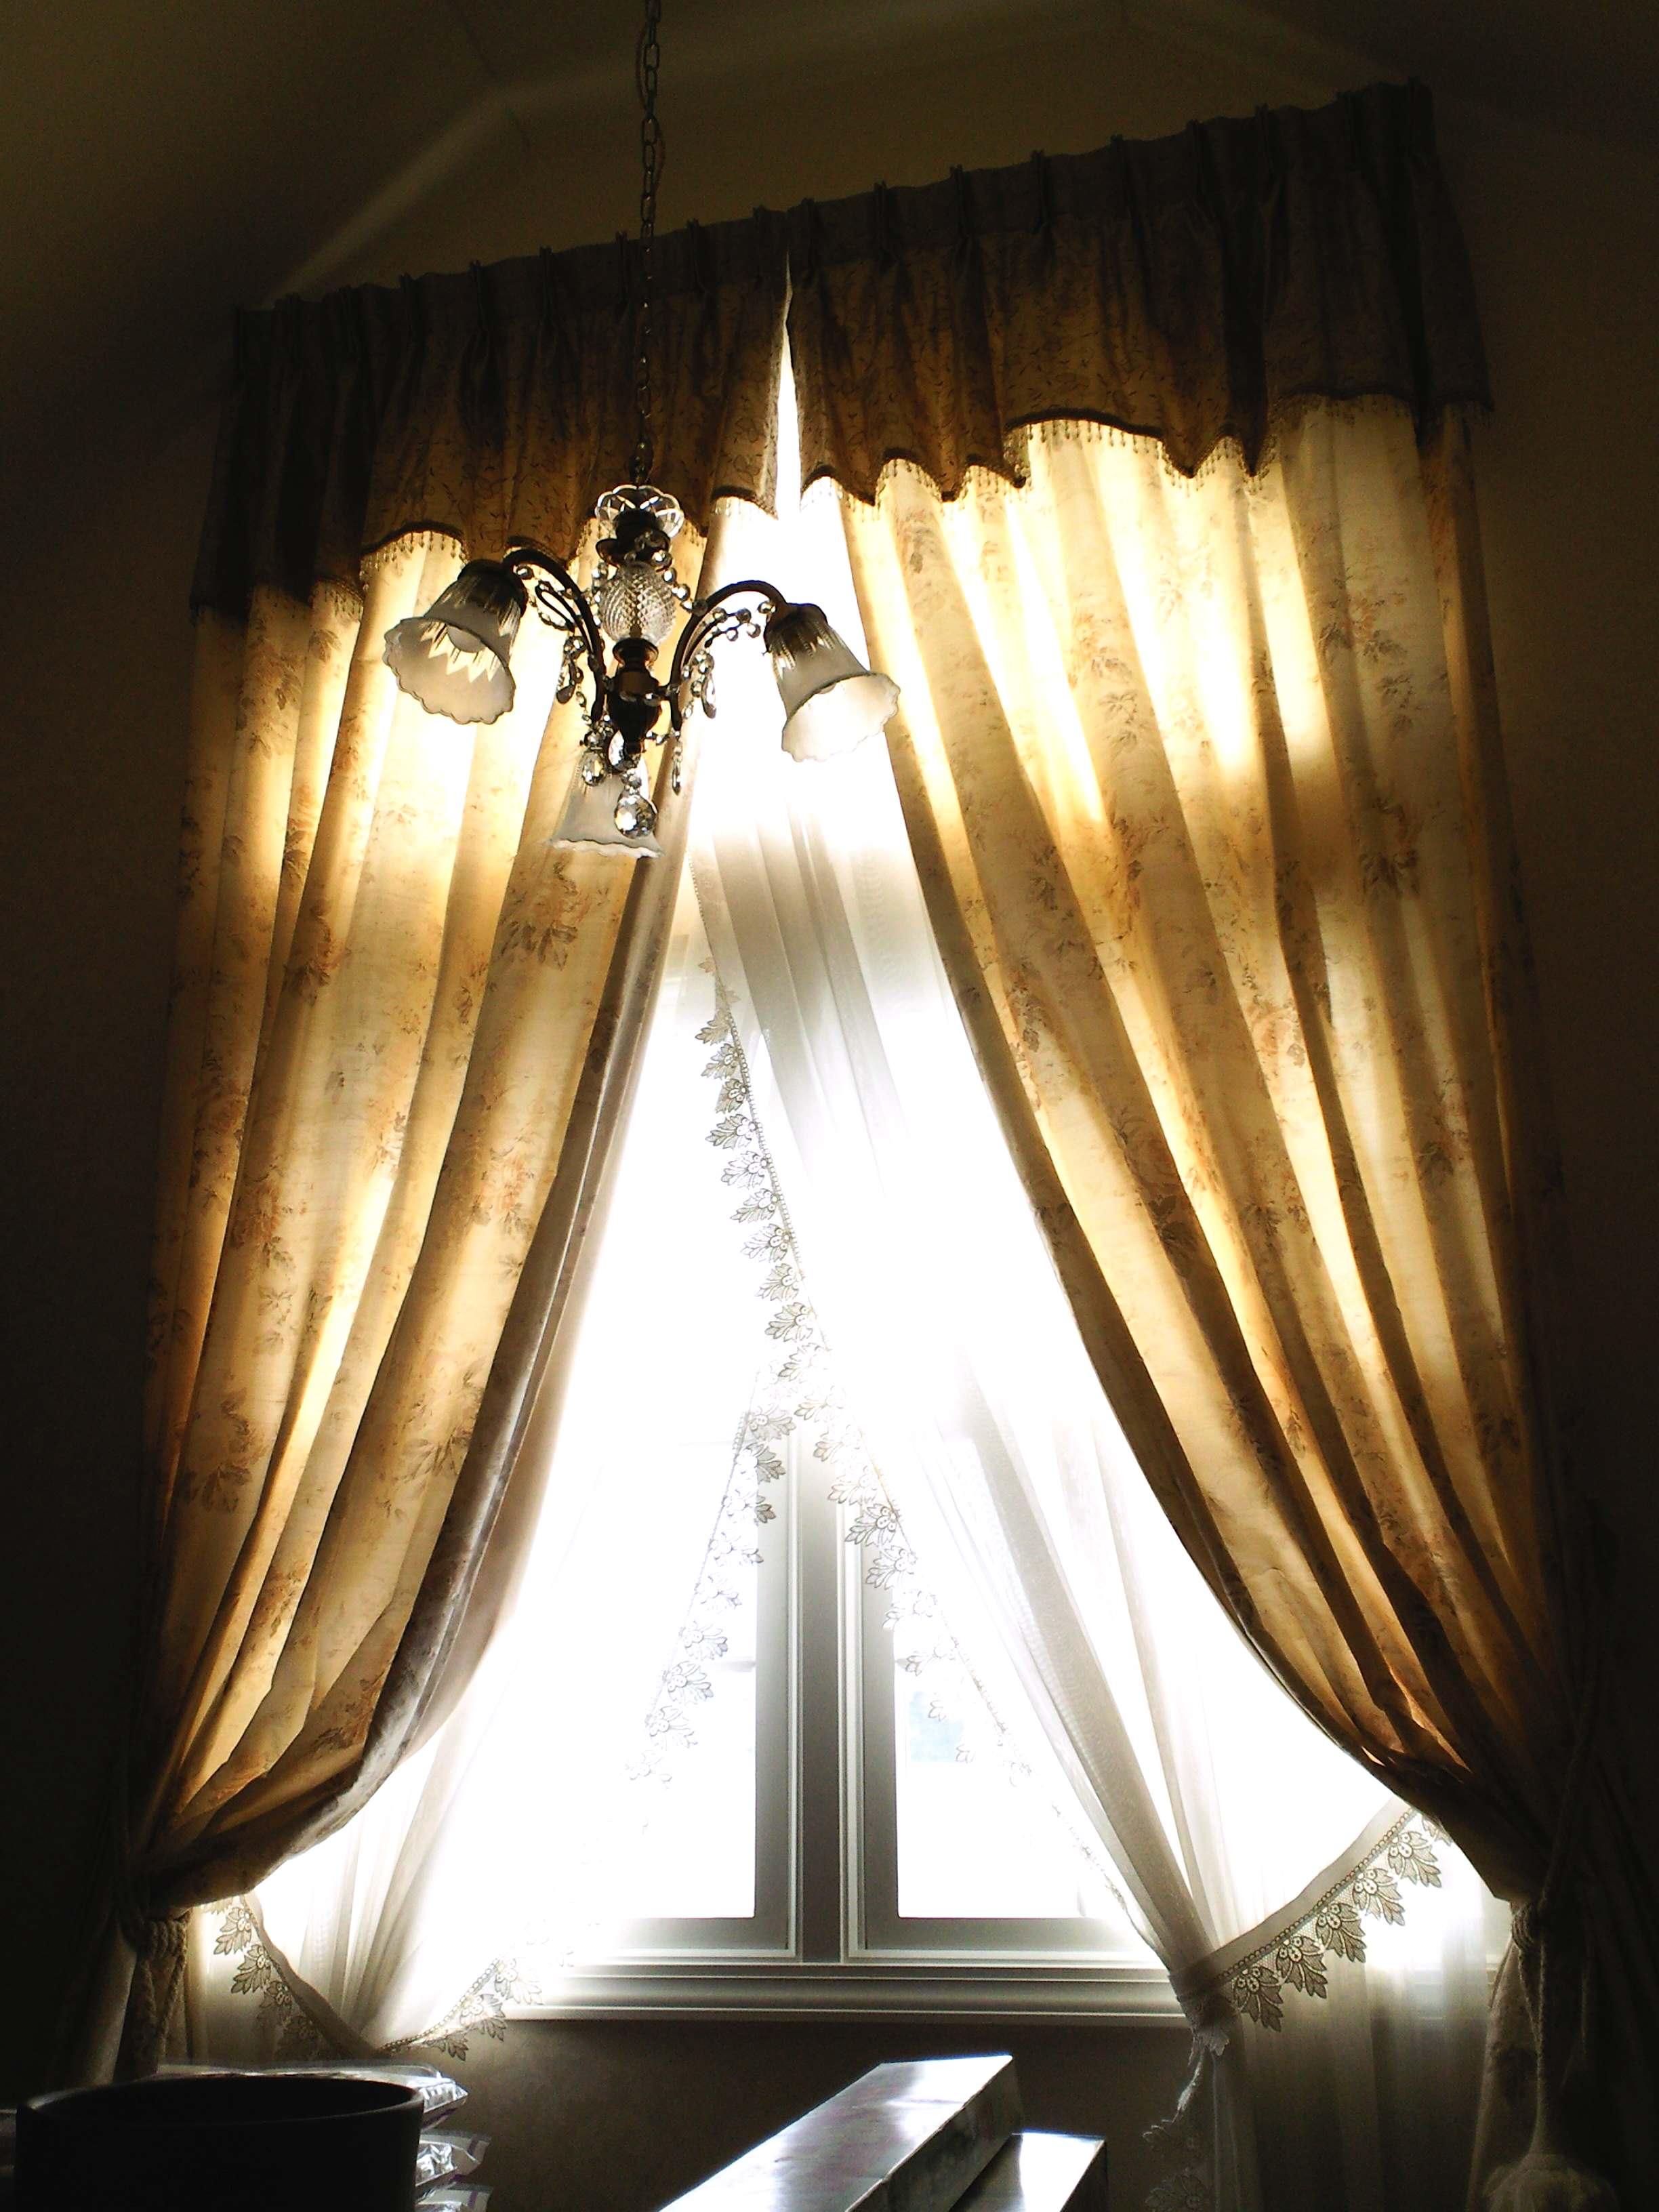 プリーツバランスで飾る、スタイルのあるカーテン。_c0157866_12507100.jpg